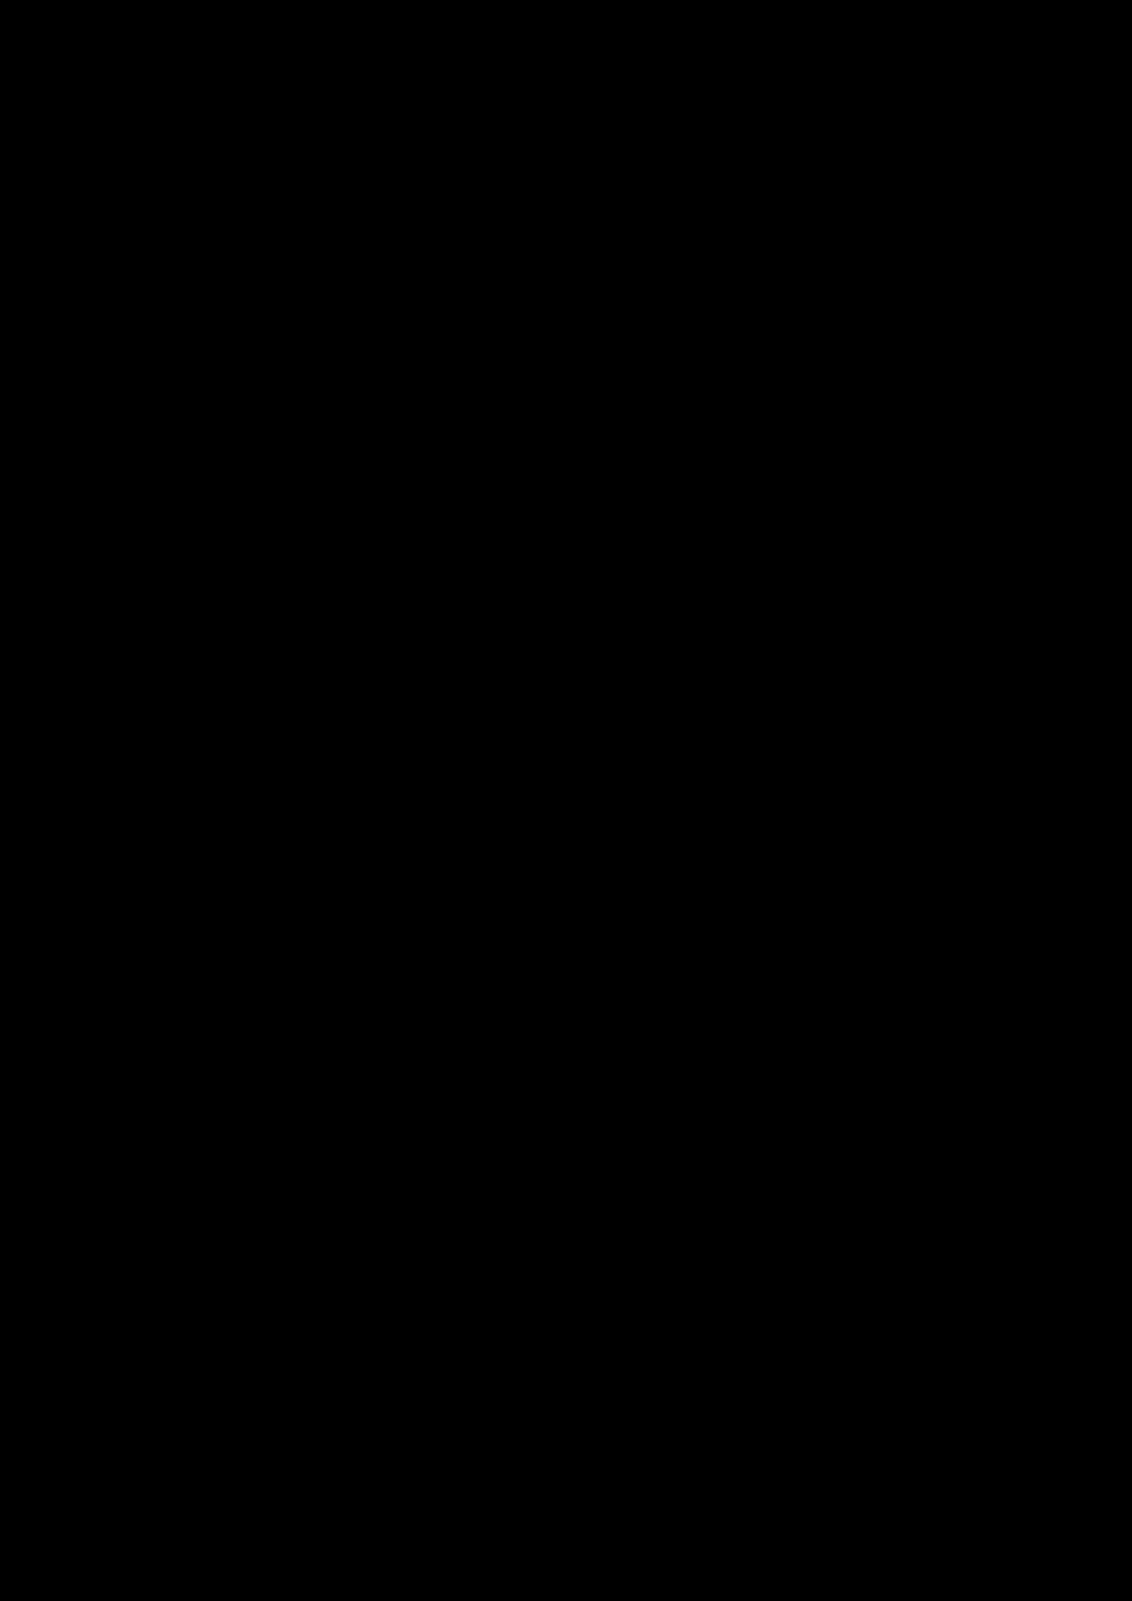 Zagadka volshebnoy stranyi slide, Image 191